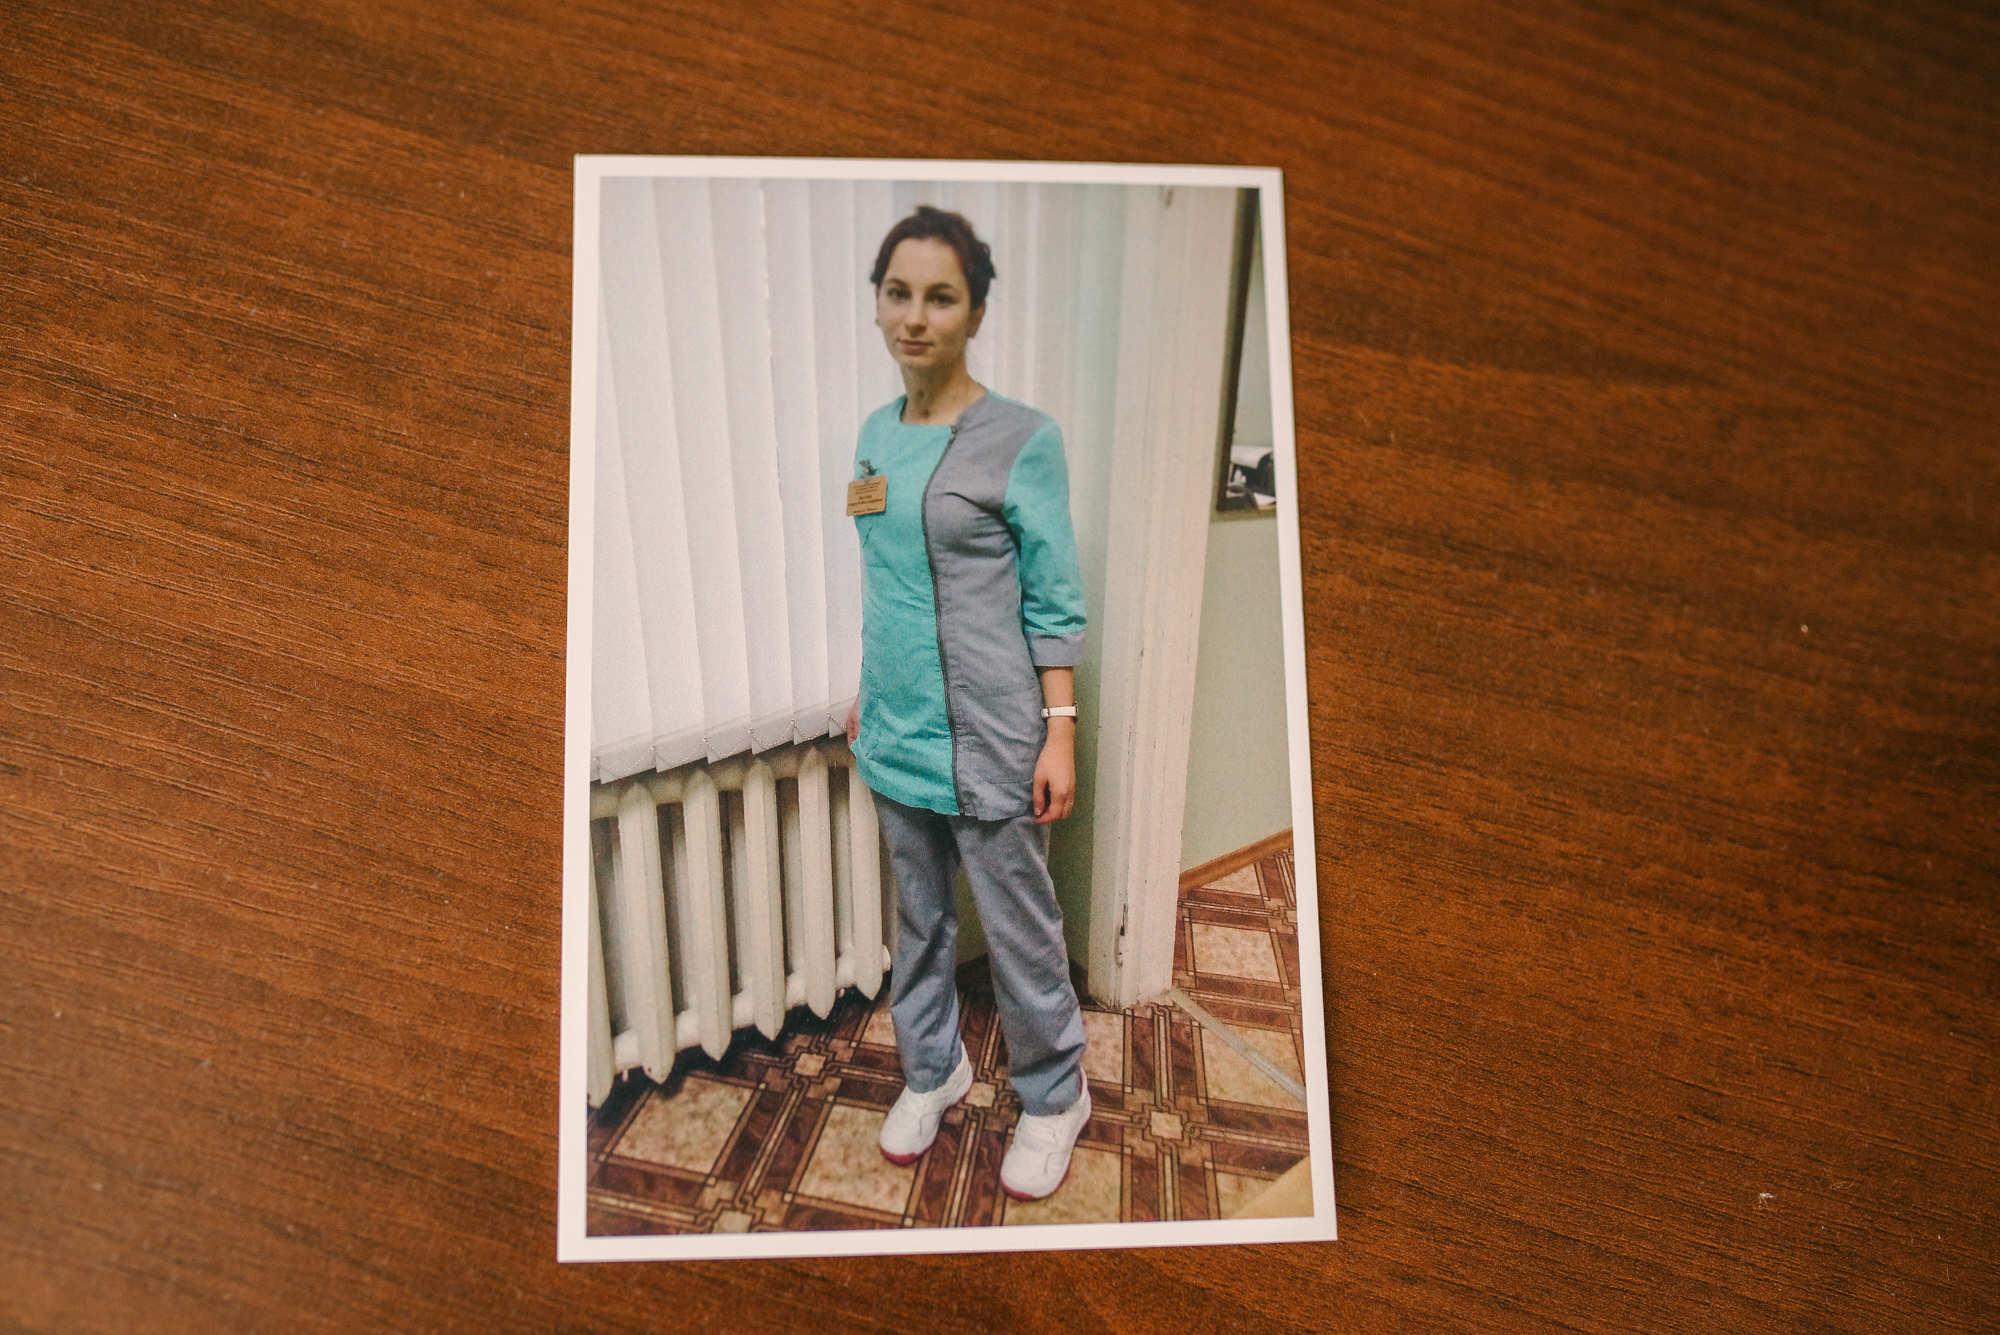 В медицину Алеся пошла, чтобы помогать другим людям. Говорит, что очень любит свою работу.